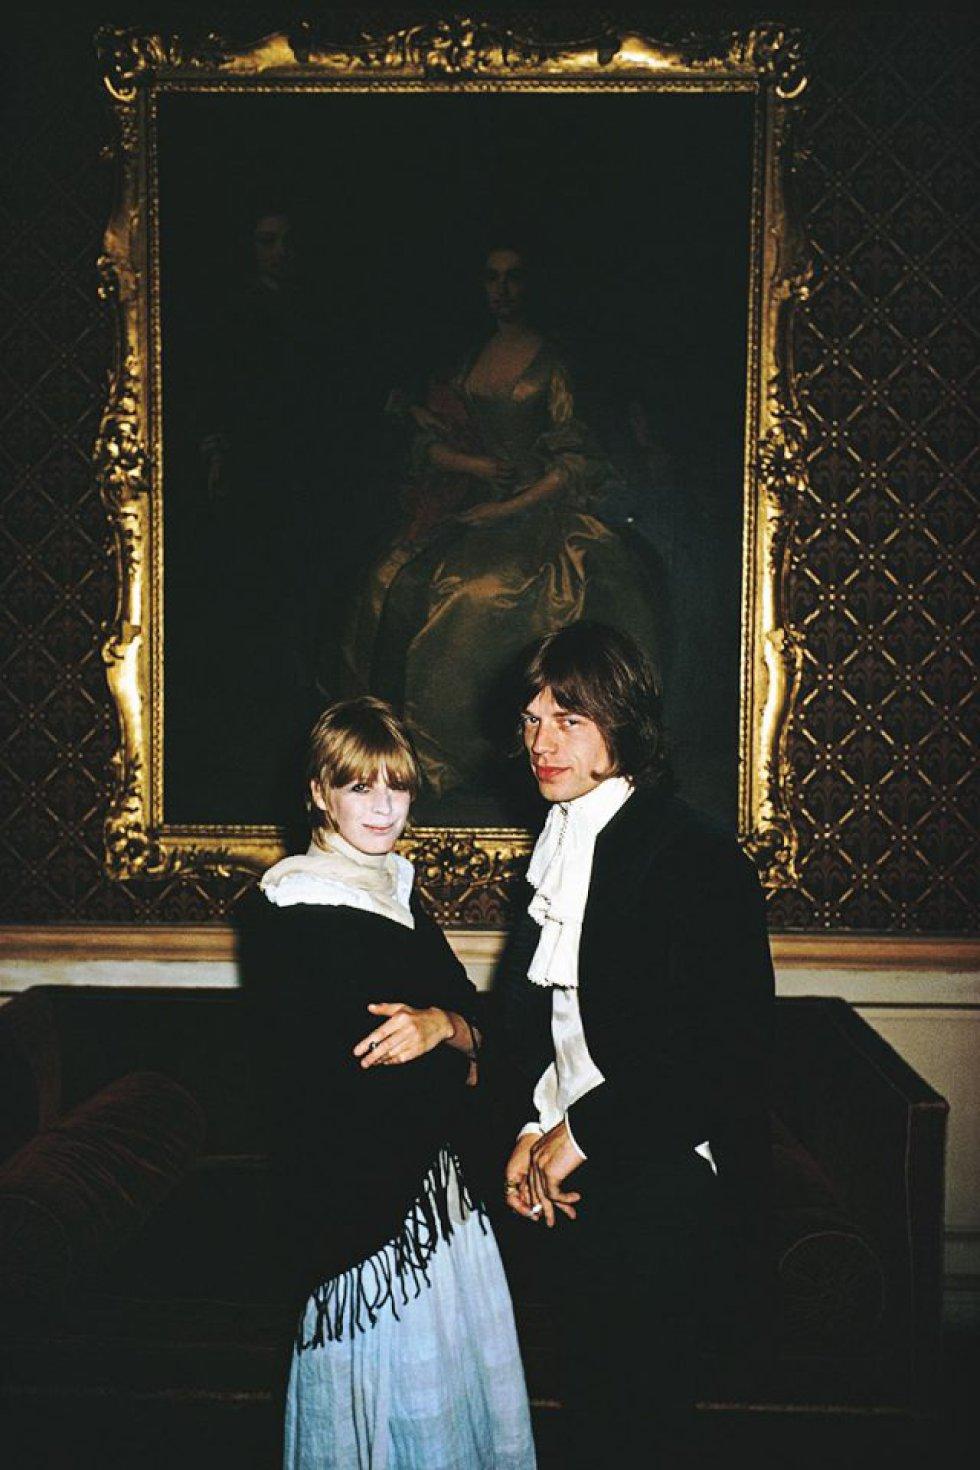 """Suas satânicas majestades gravaram em 1971, no 'Sticky Fingers', esta balada, que a 'Rolling Stone' (a revista) incluiu entre as 500 letras mais influentes da história. Diz a lenda que Keith Richards começou a escrevê-la pensando no filho Marlon, mas Mick Jagger mudou a letra para contar sua complicada relação com Marianne Faithfull (com ele na foto em Castletown Mansion em 1968). Ela tentou cometer suicídio com uma overdose e, quando saiu do coma, disse a Jagger: """"Wild horses couldn't drag me away"""" (""""cavalos selvagens não puderam me arrastar para longe"""". Ele transformou essa frase em um refrão."""